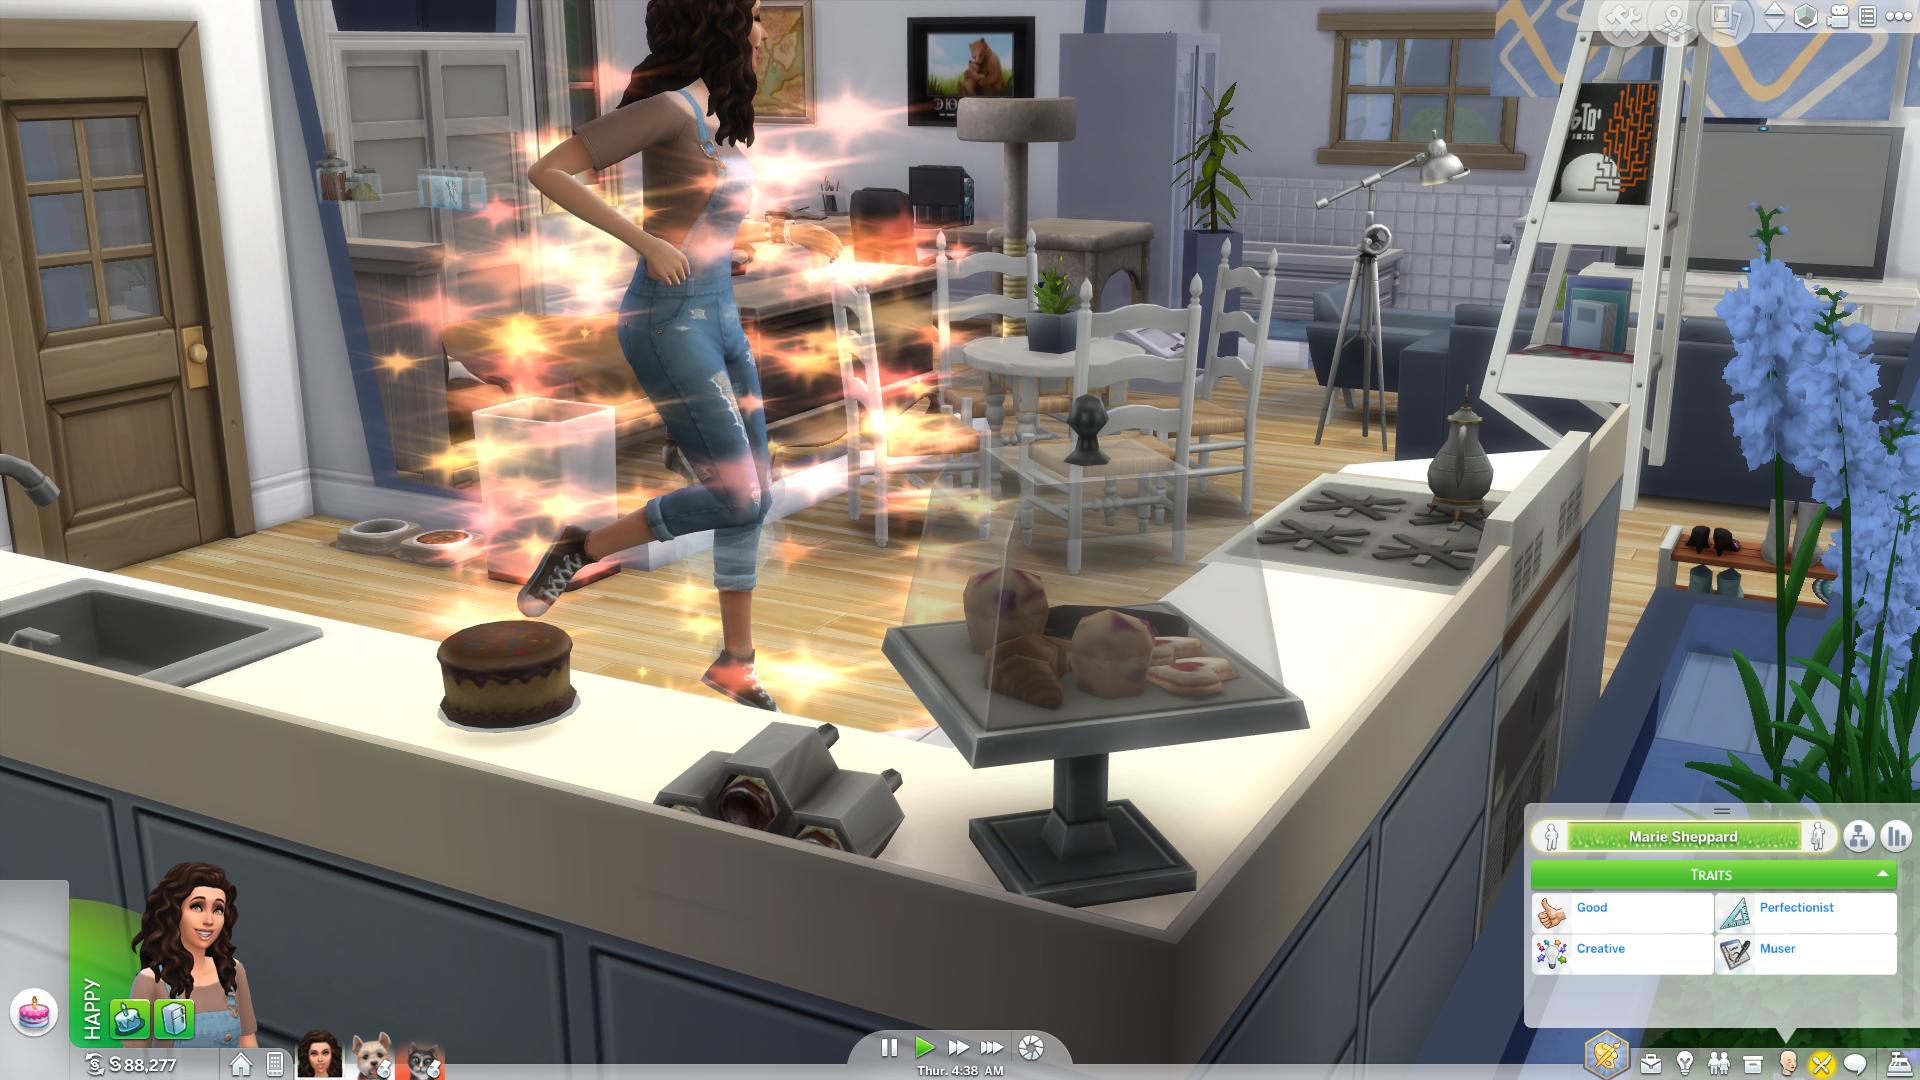 Das Älterwerden ist in Sims 4 etwas Besonderes